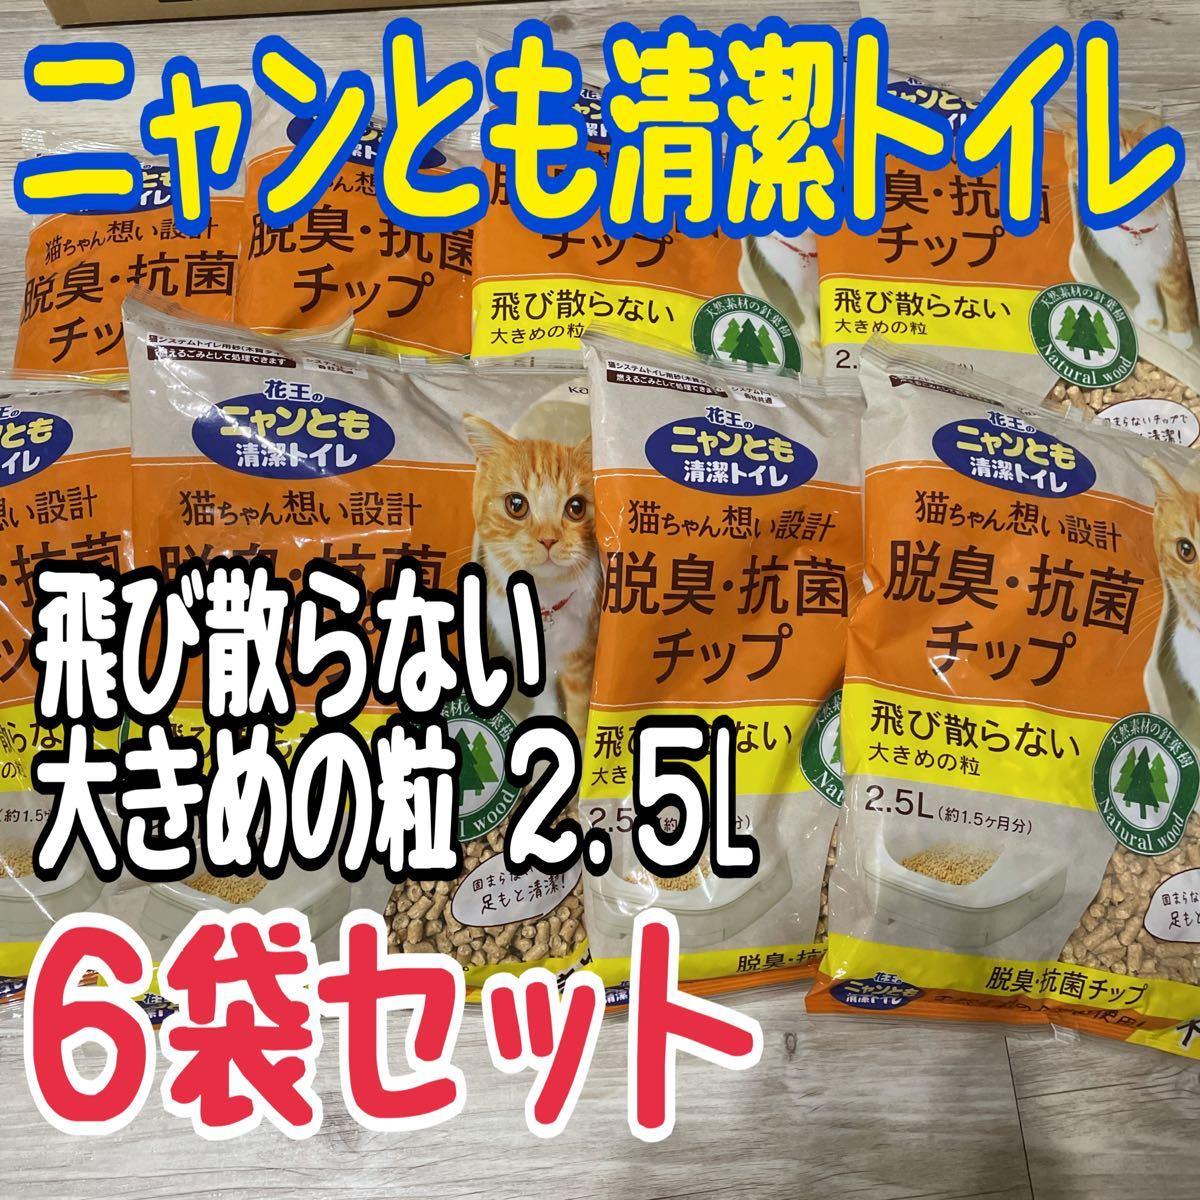 【未使用】ニャンとも清潔トイレ 消臭・抗菌チップ 大きめ 2.5L×6袋